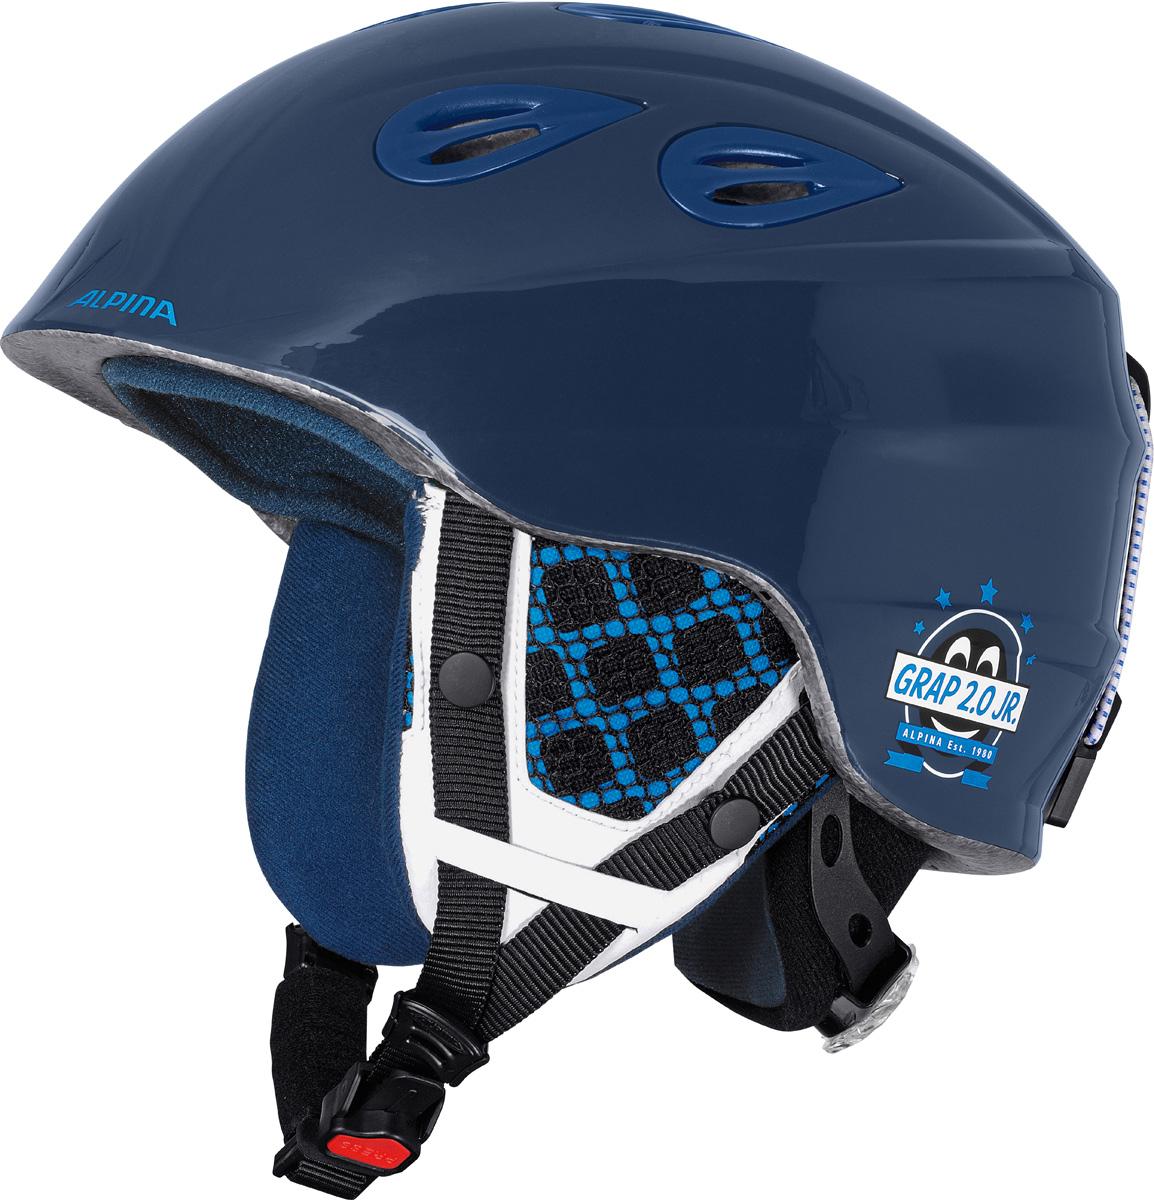 Шлем горнолыжный Alpina  Grap 2.0 JR , цвет: темно-синий. A9086_81. Размер 54-57 - Горные лыжи